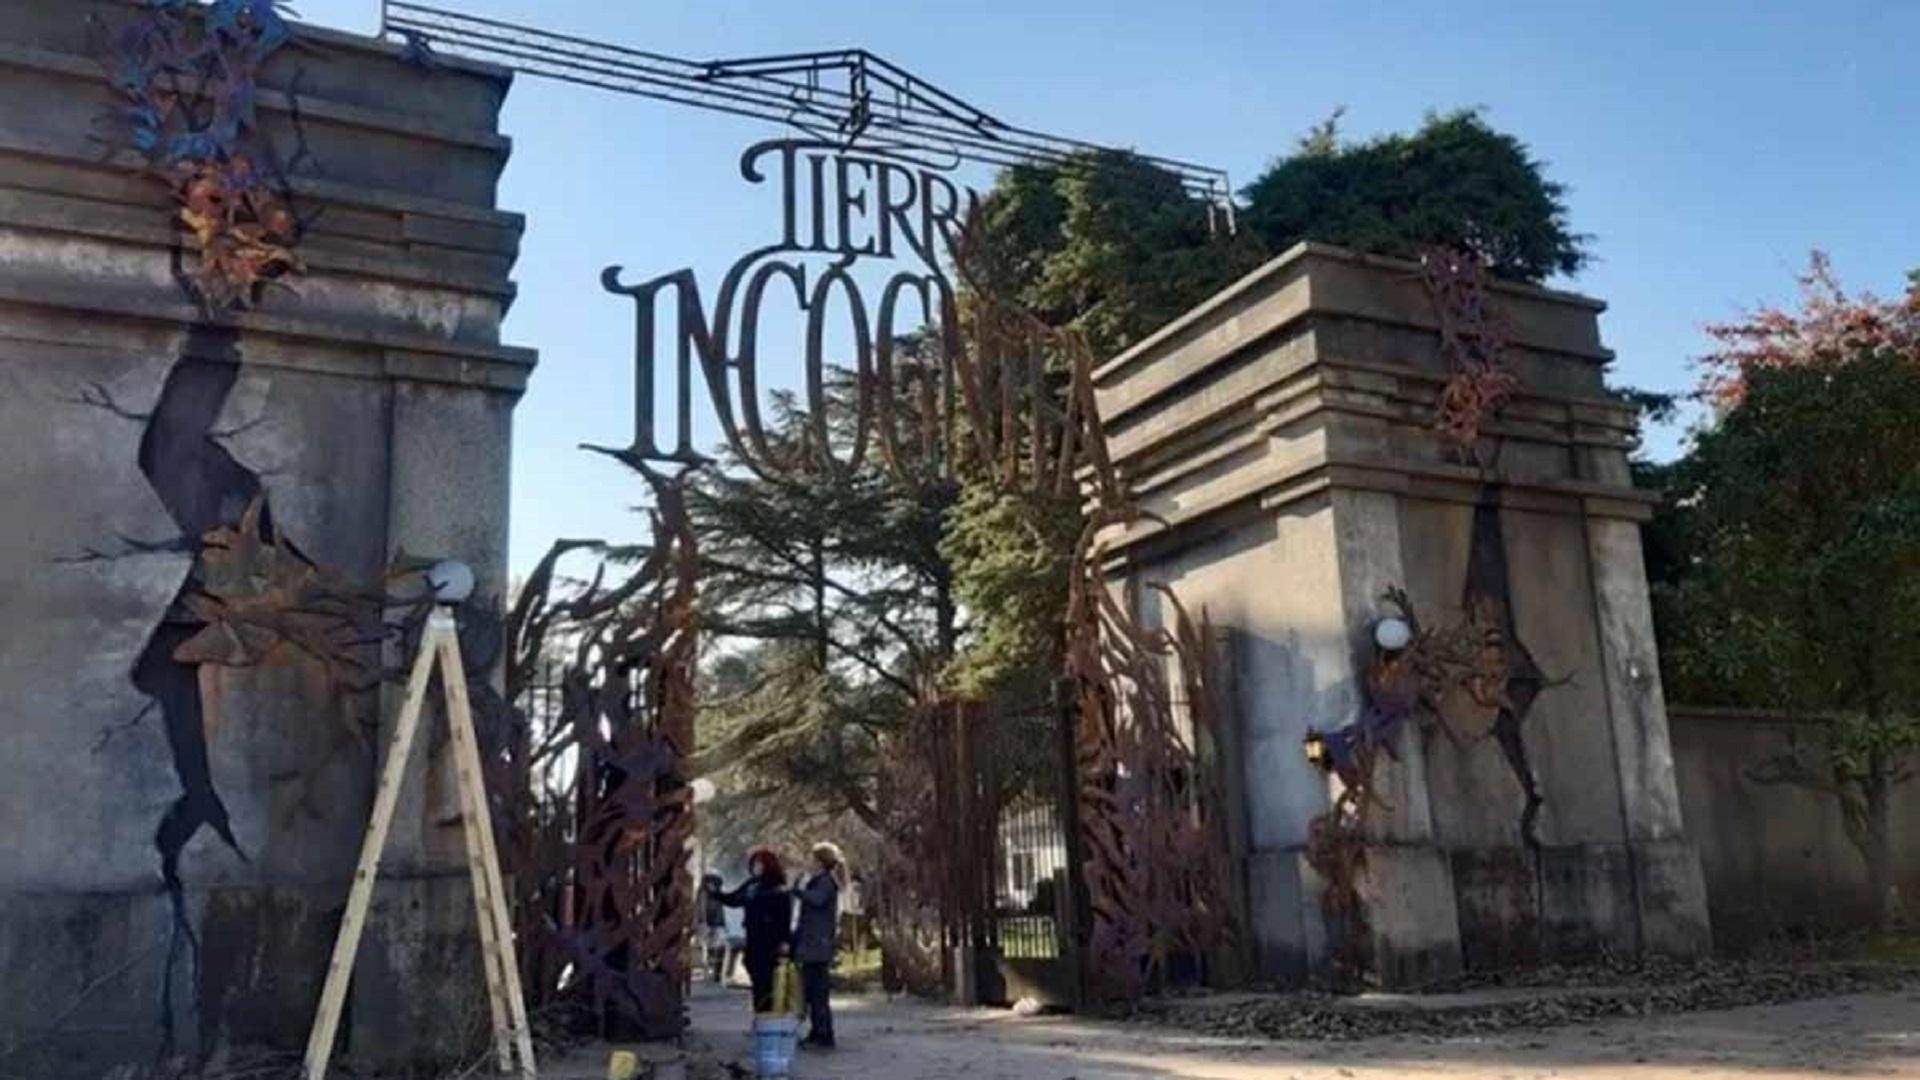 Así será Tierra Incógnita, la nueva serie de Disney Plus Latinoamérica